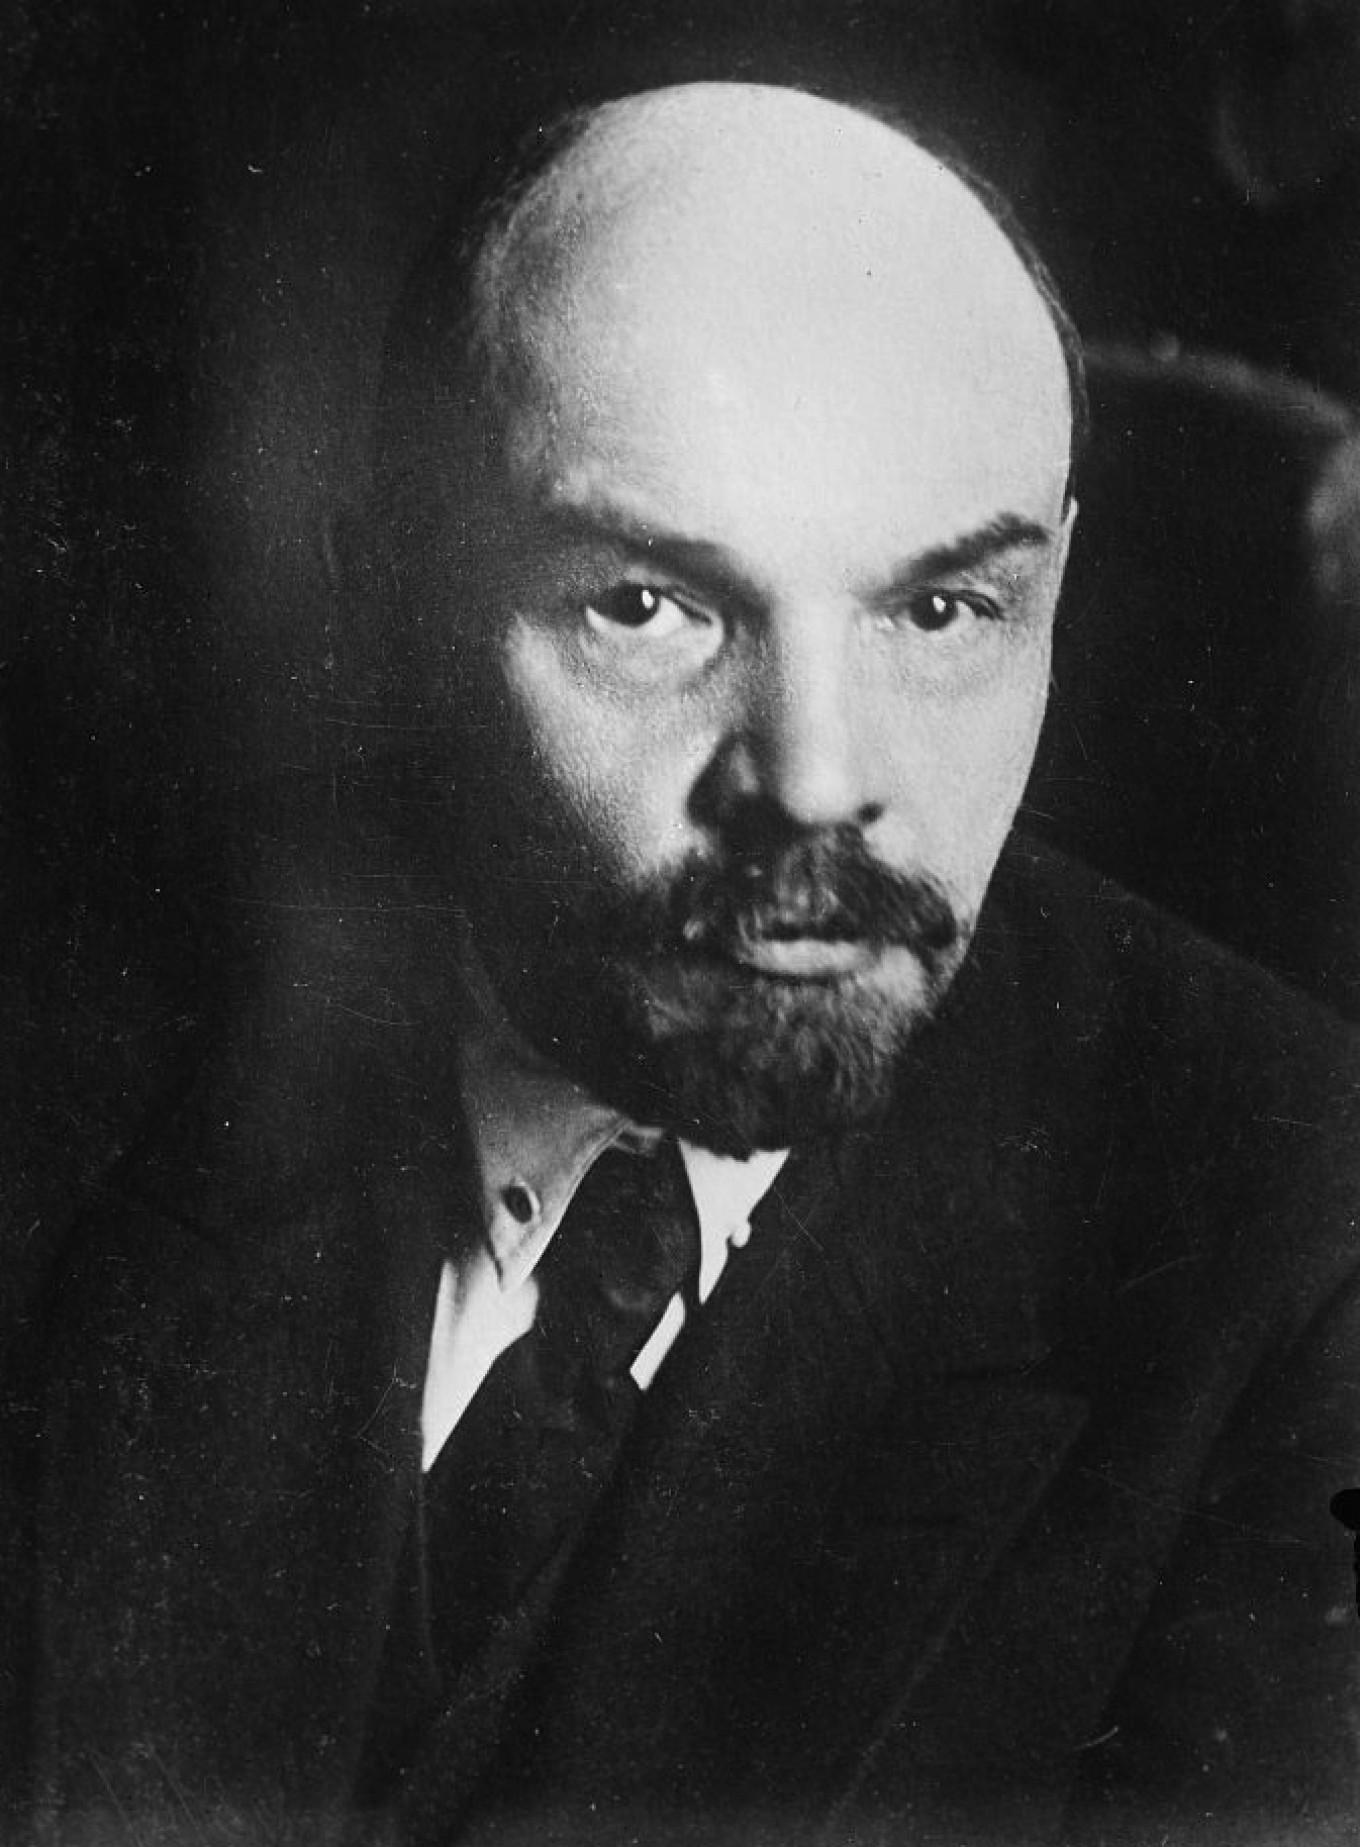 Vladimir Lenin Library of Congress